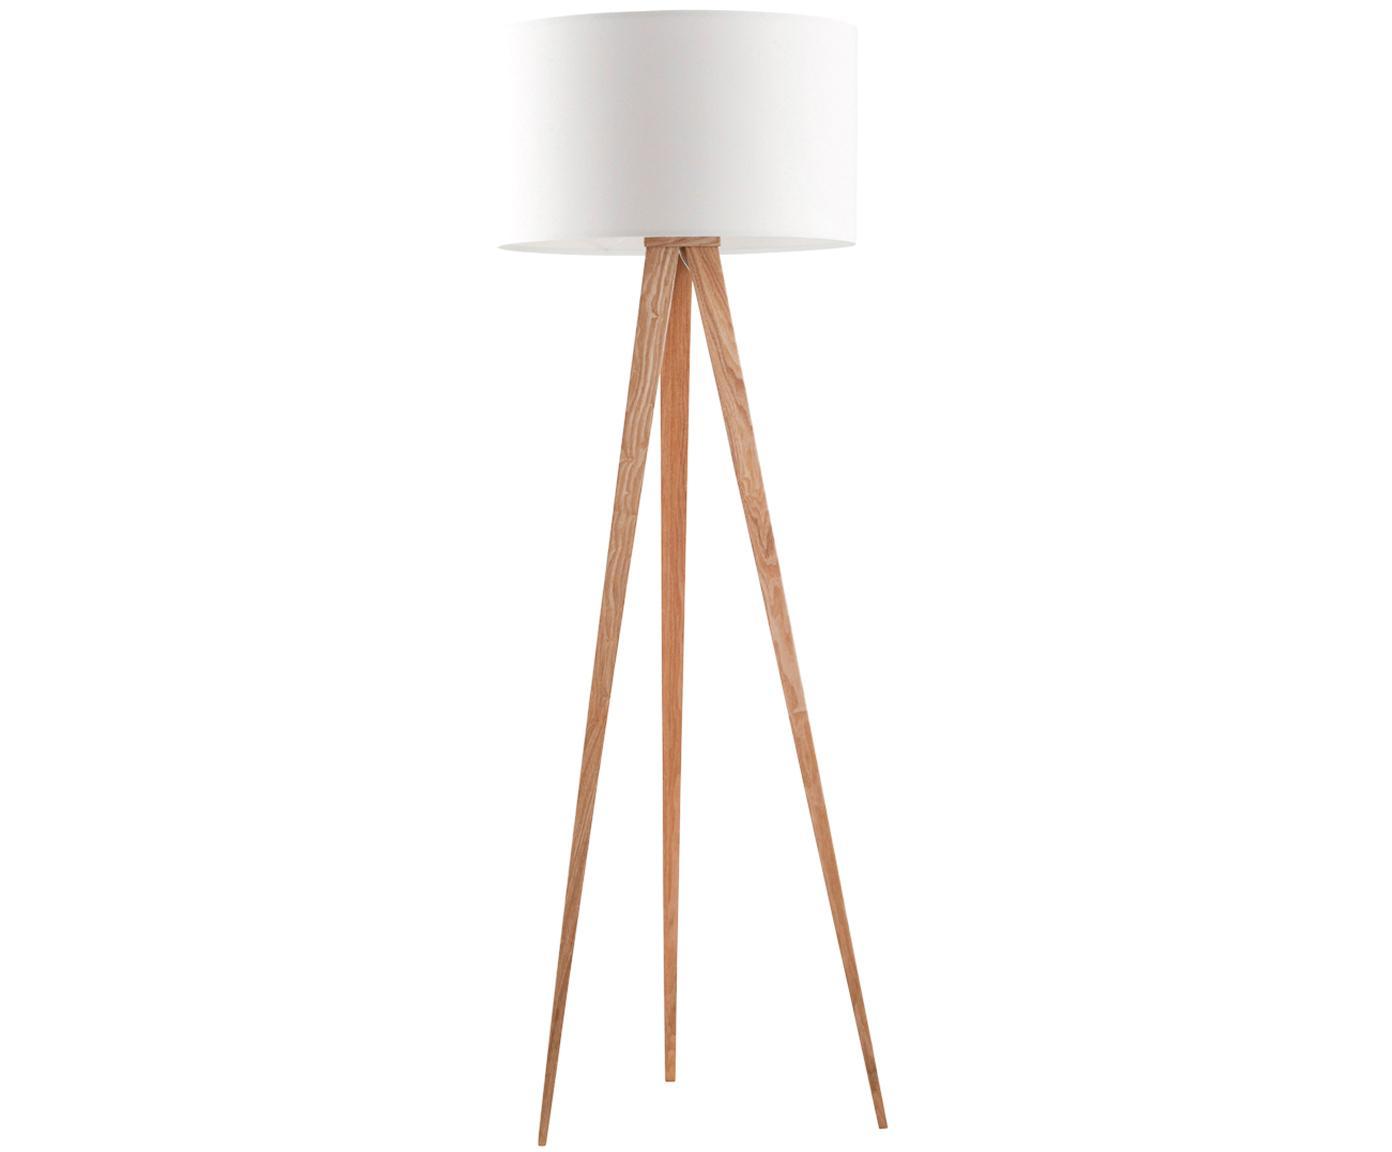 Stehleuchte Tripod, Lampenschirm: Polyester, Weiss, Eichenfurnier, Ø 50 x H 157 cm